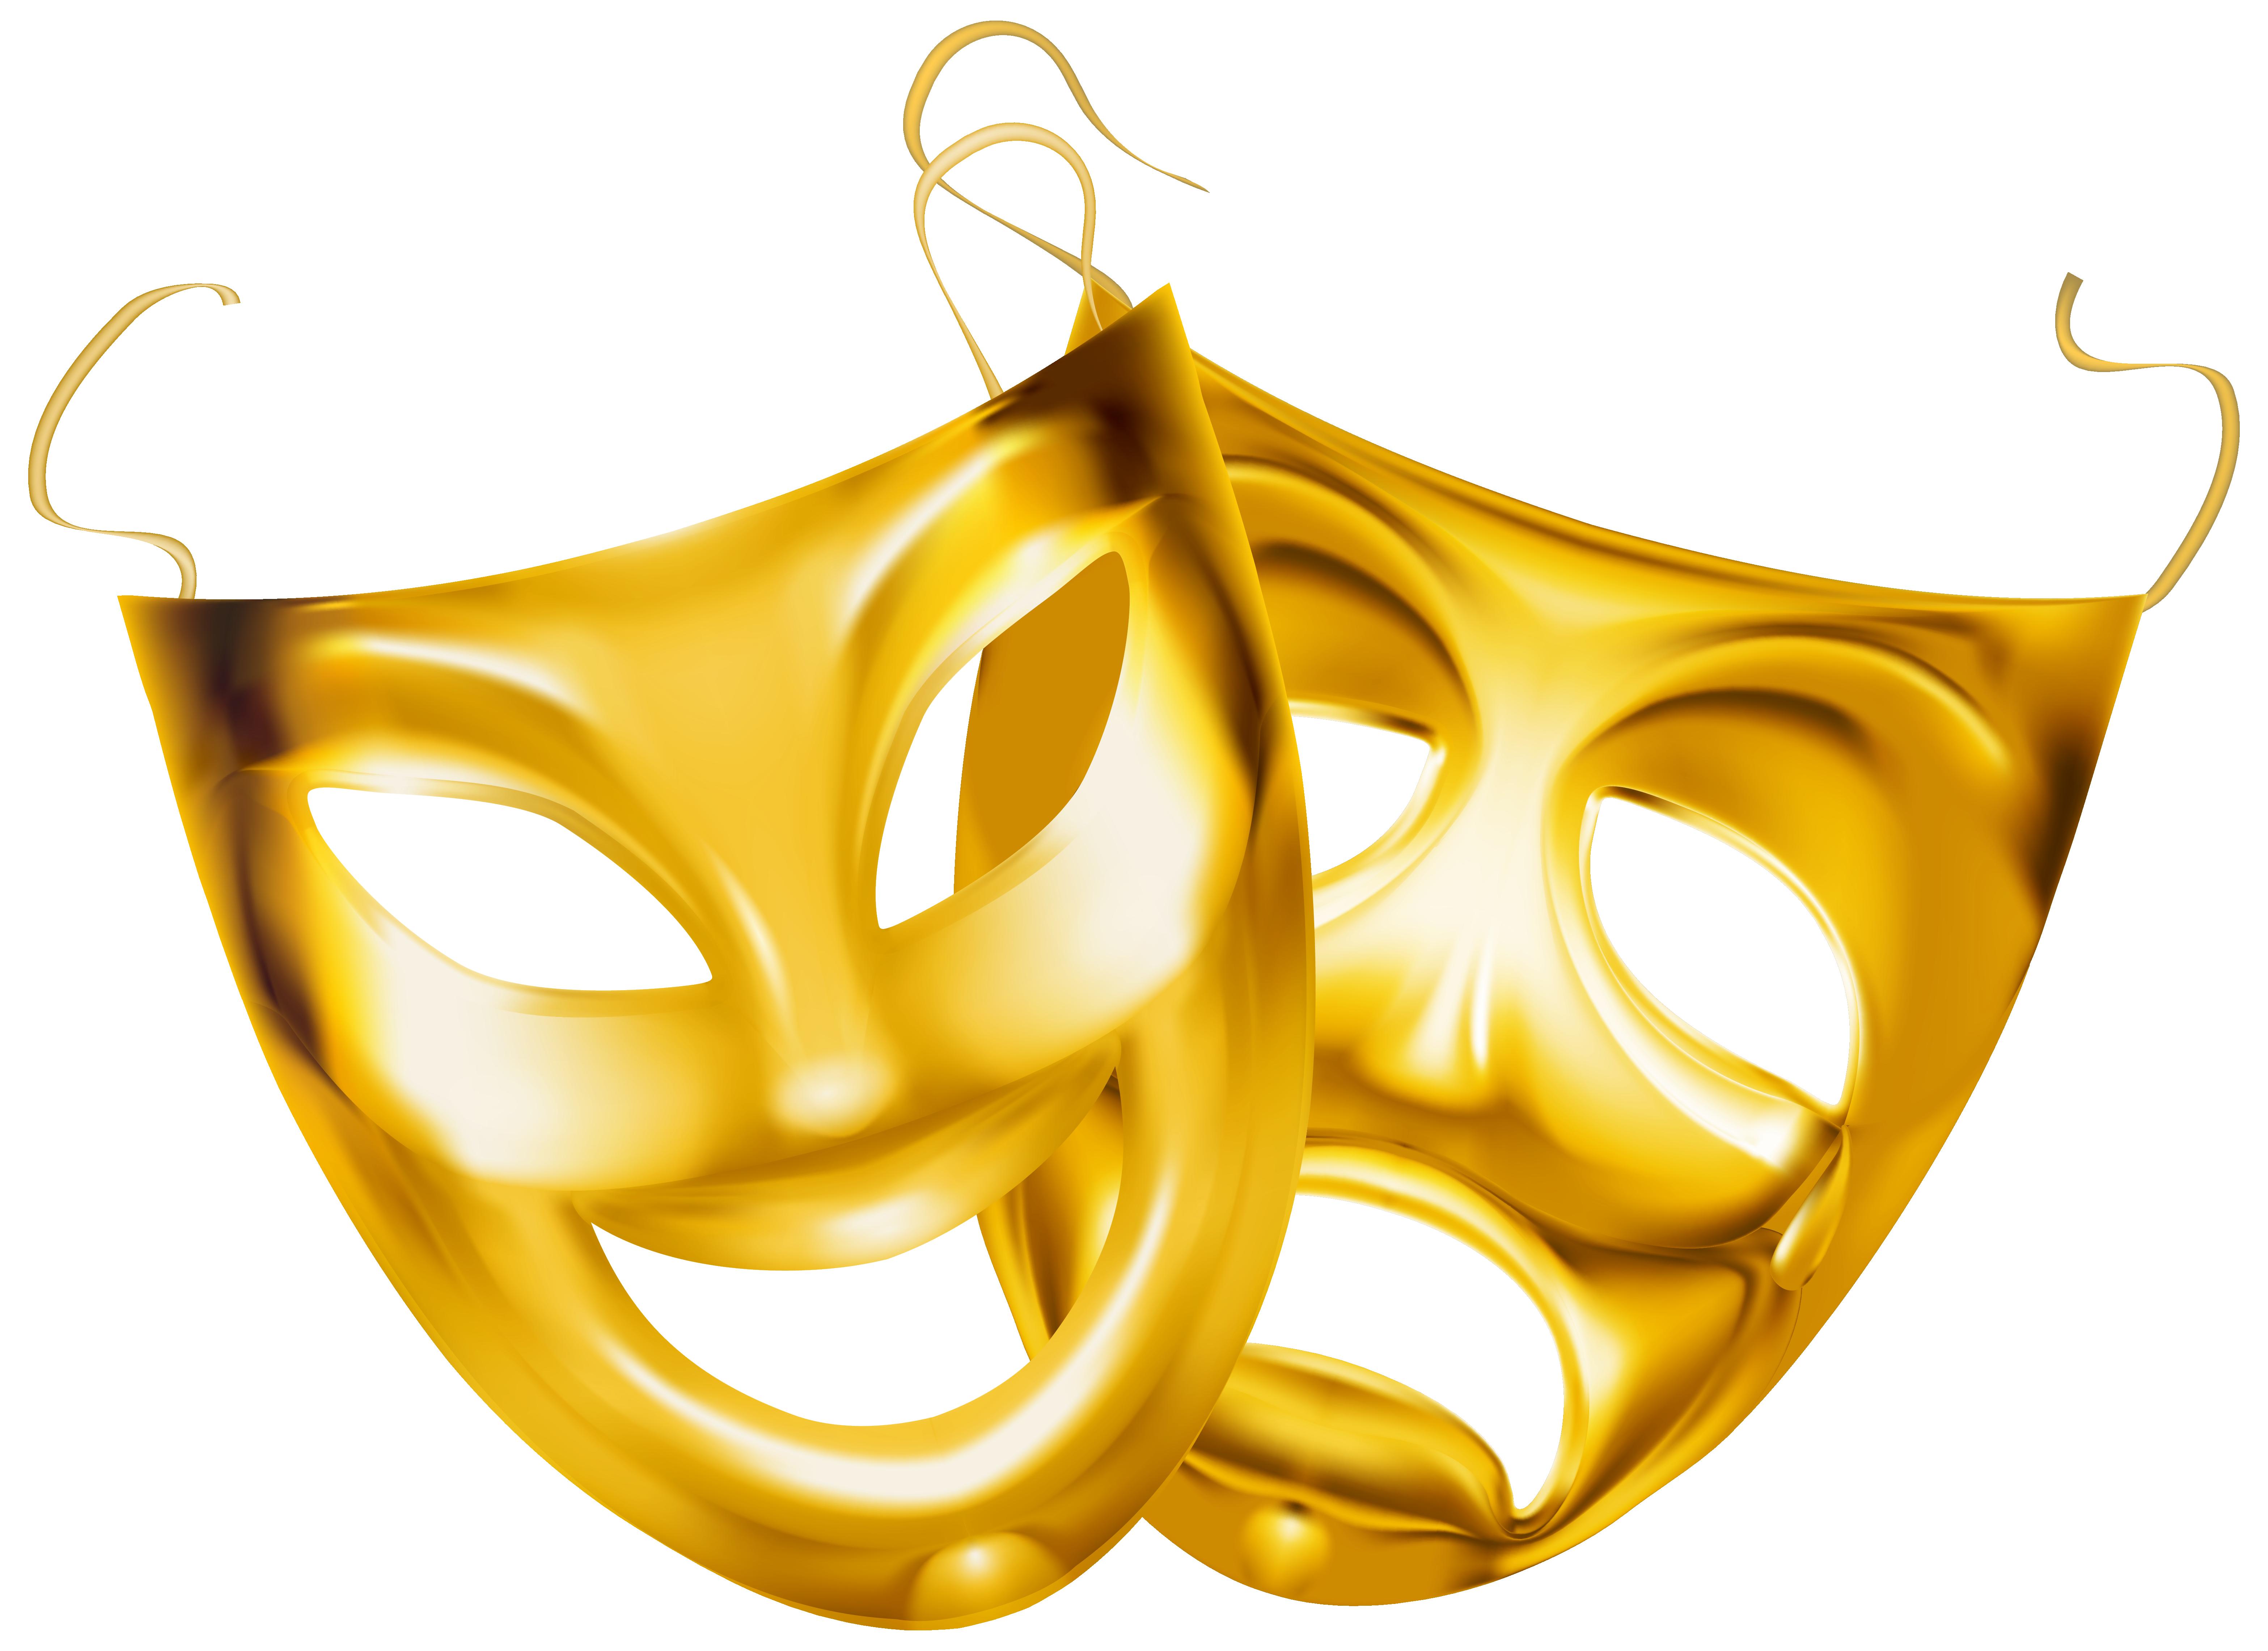 Pumpkin clipart gold glitter. Theater masks png image